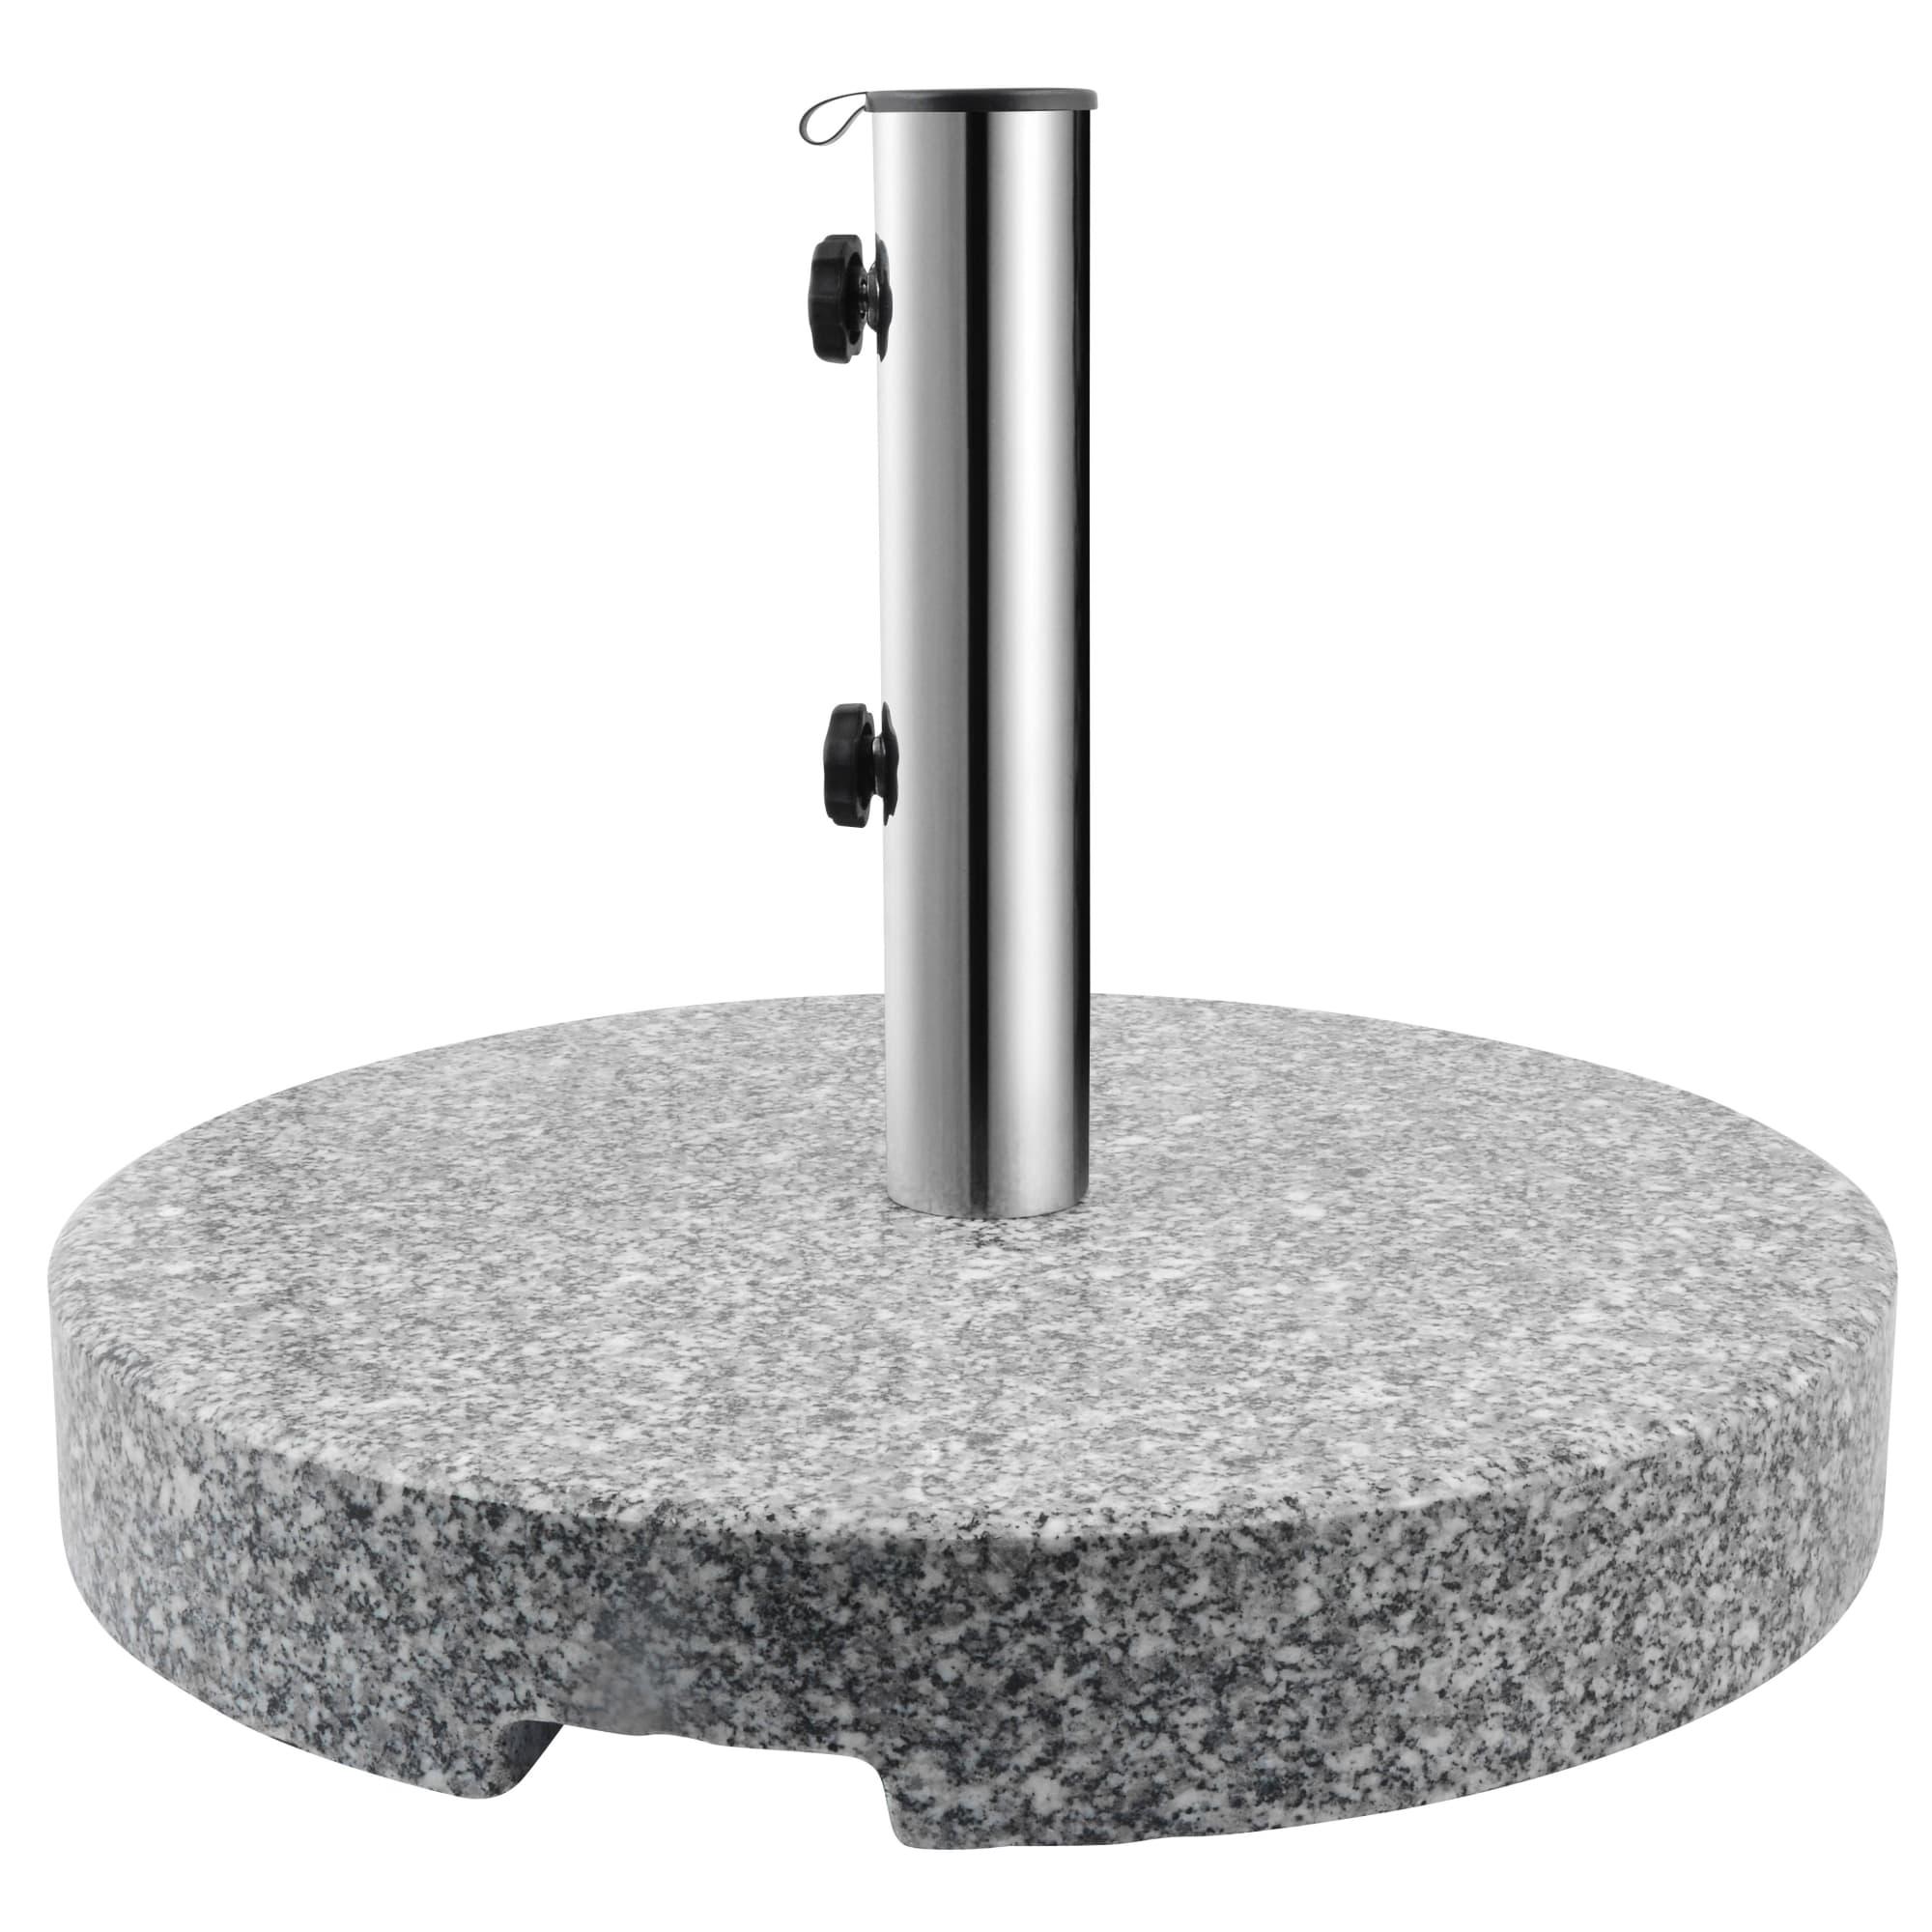 Granit - Med hjul